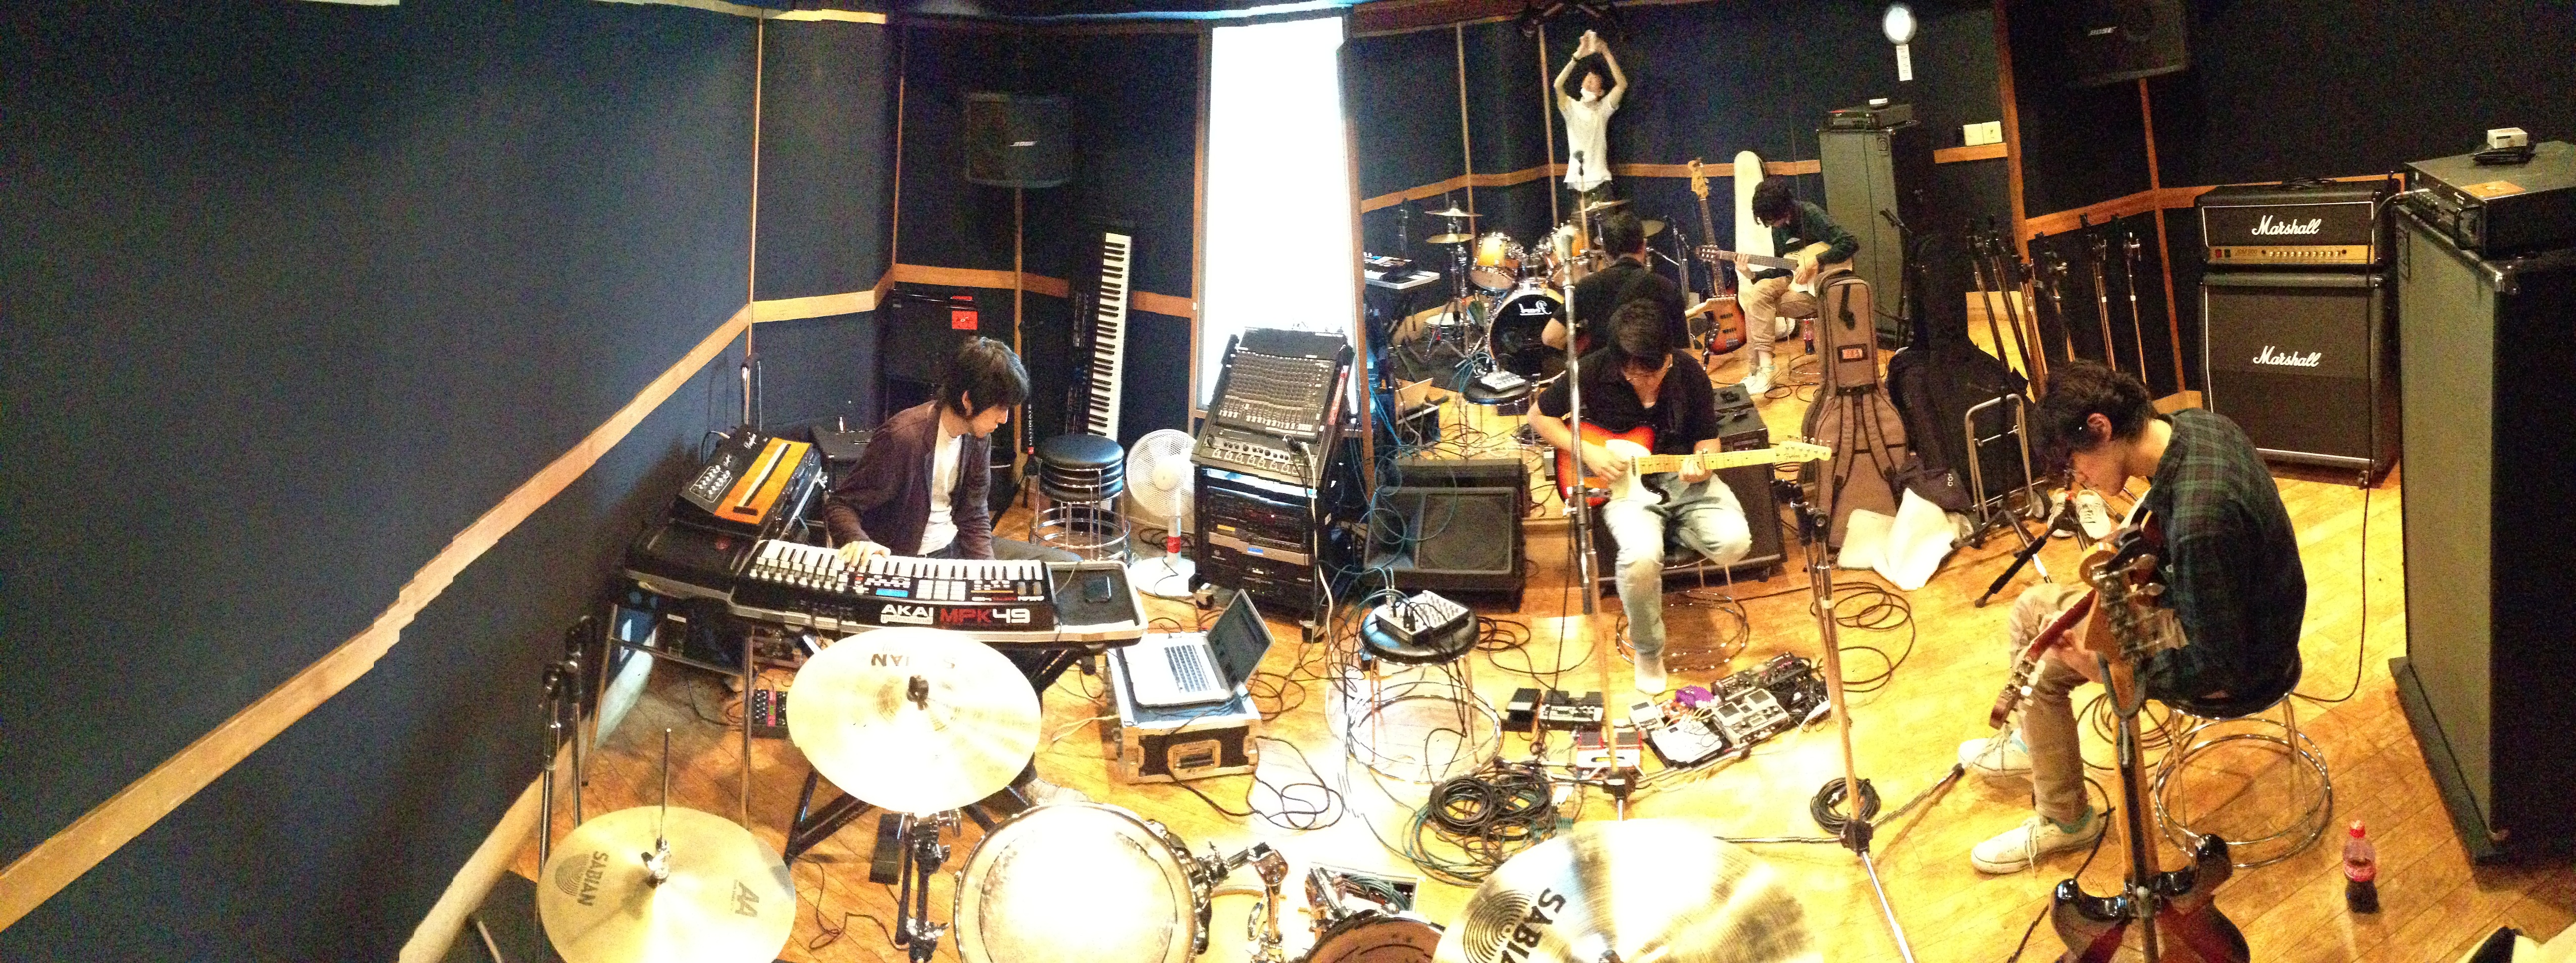 studio photo -1- 10/28に向けて